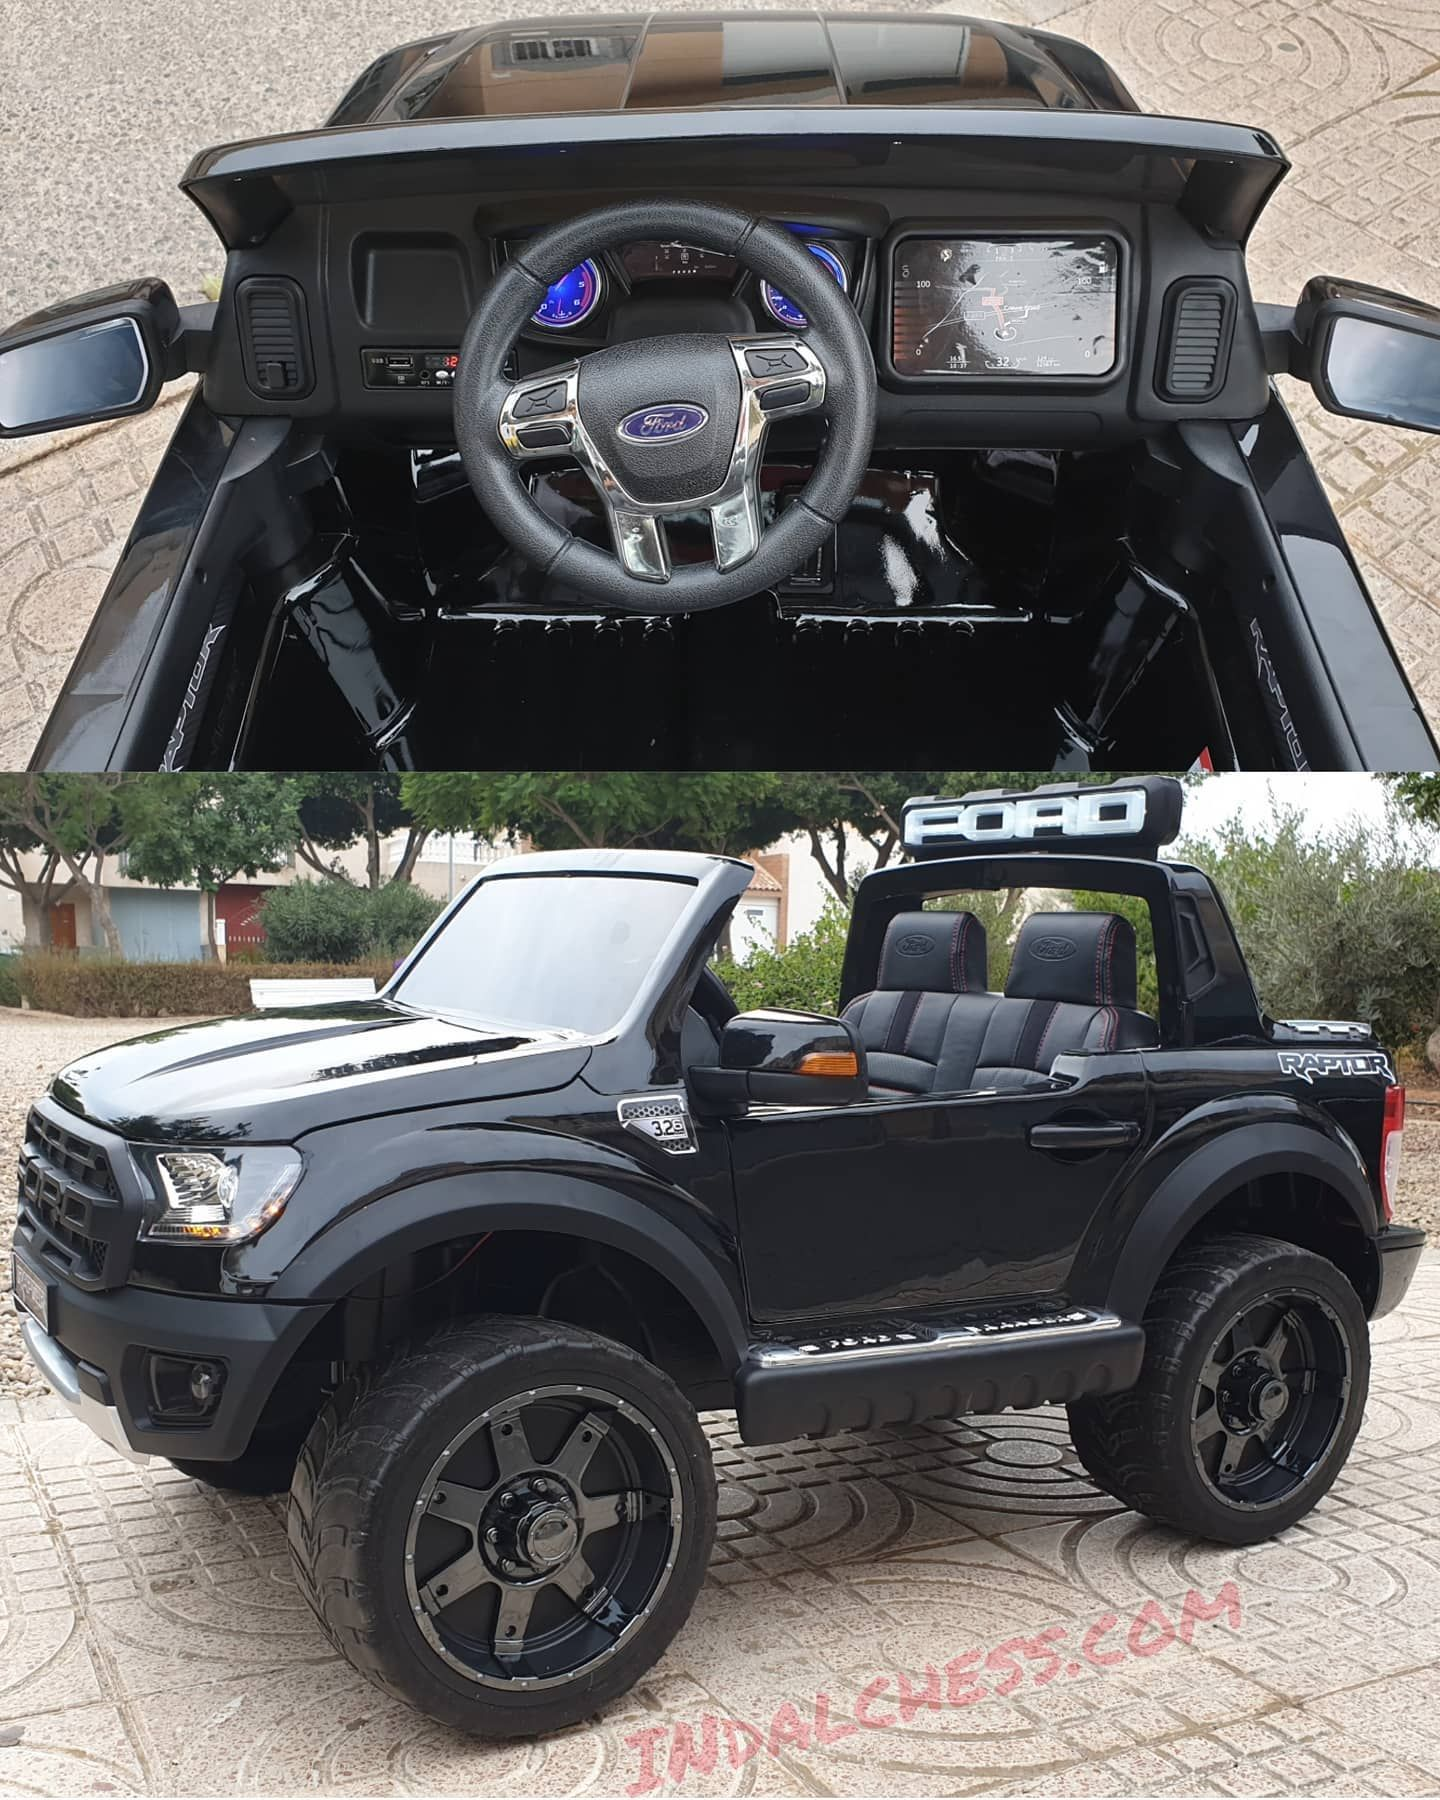 Ford Ranger Raptor Disponible En La Web De La Tienda Online Del Perfil Indalchess Indalchessjugueteria Realizamos Envios A Espana Y Portugal Mas Informacio In 2020